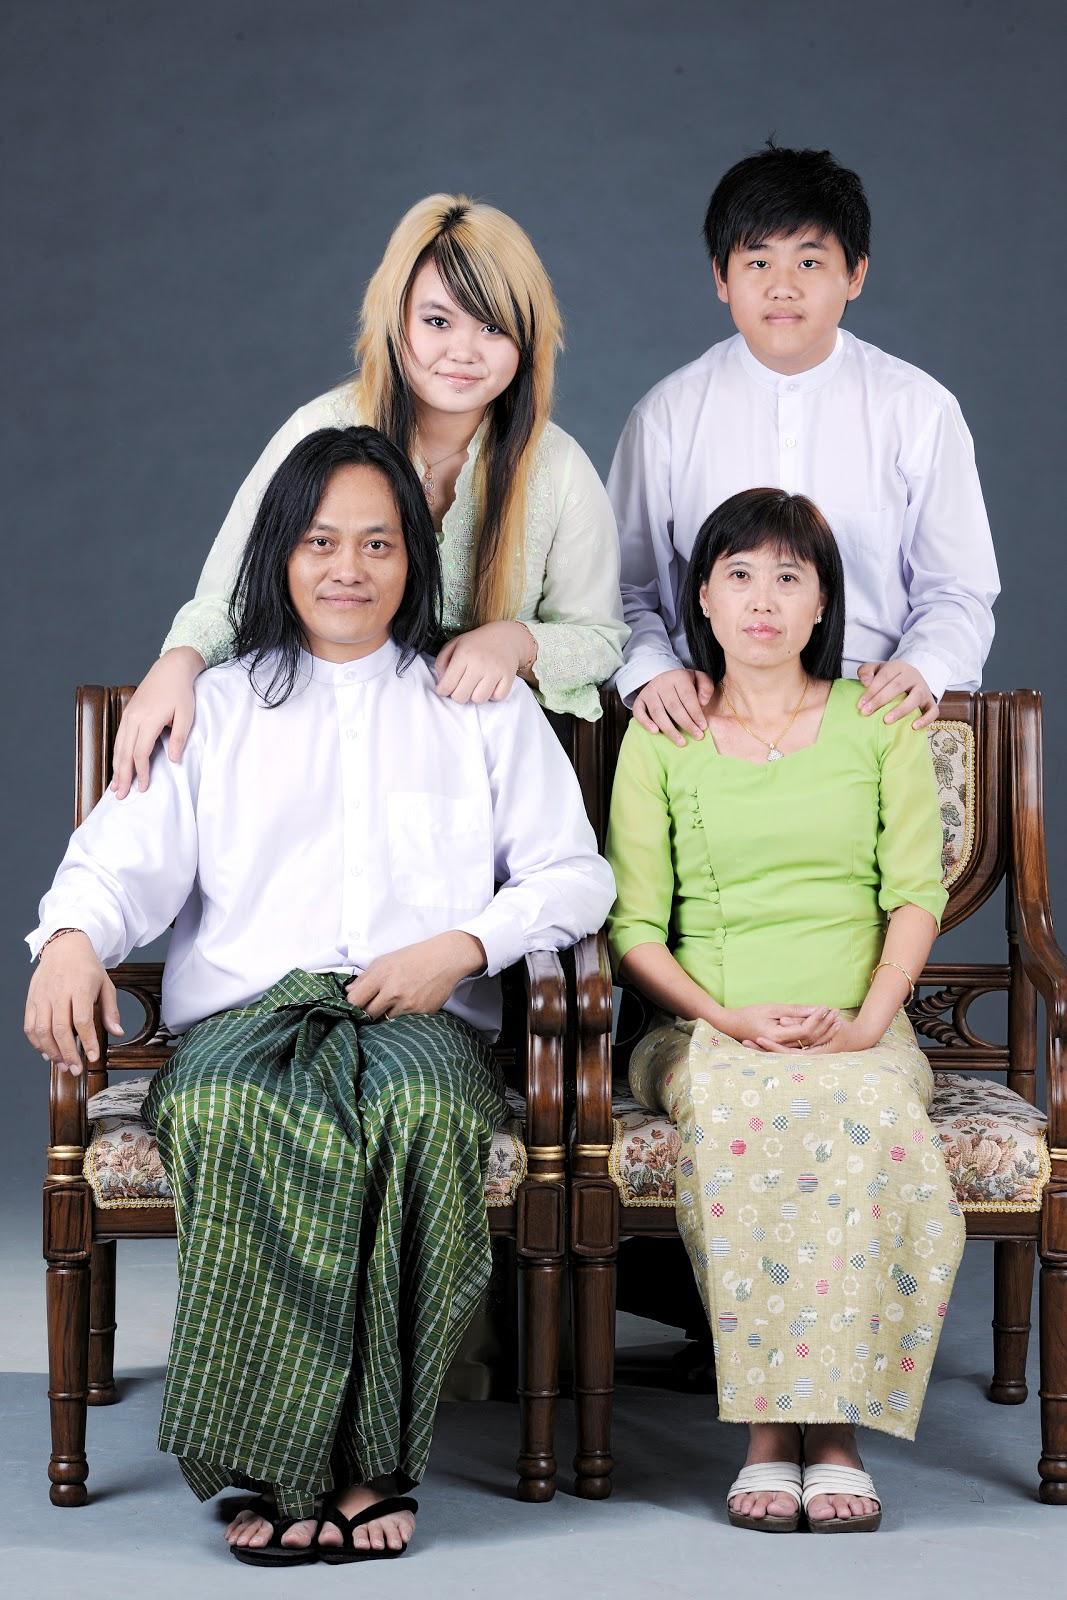 dailyruffles: Lay Phyu Family Photos Leaked!